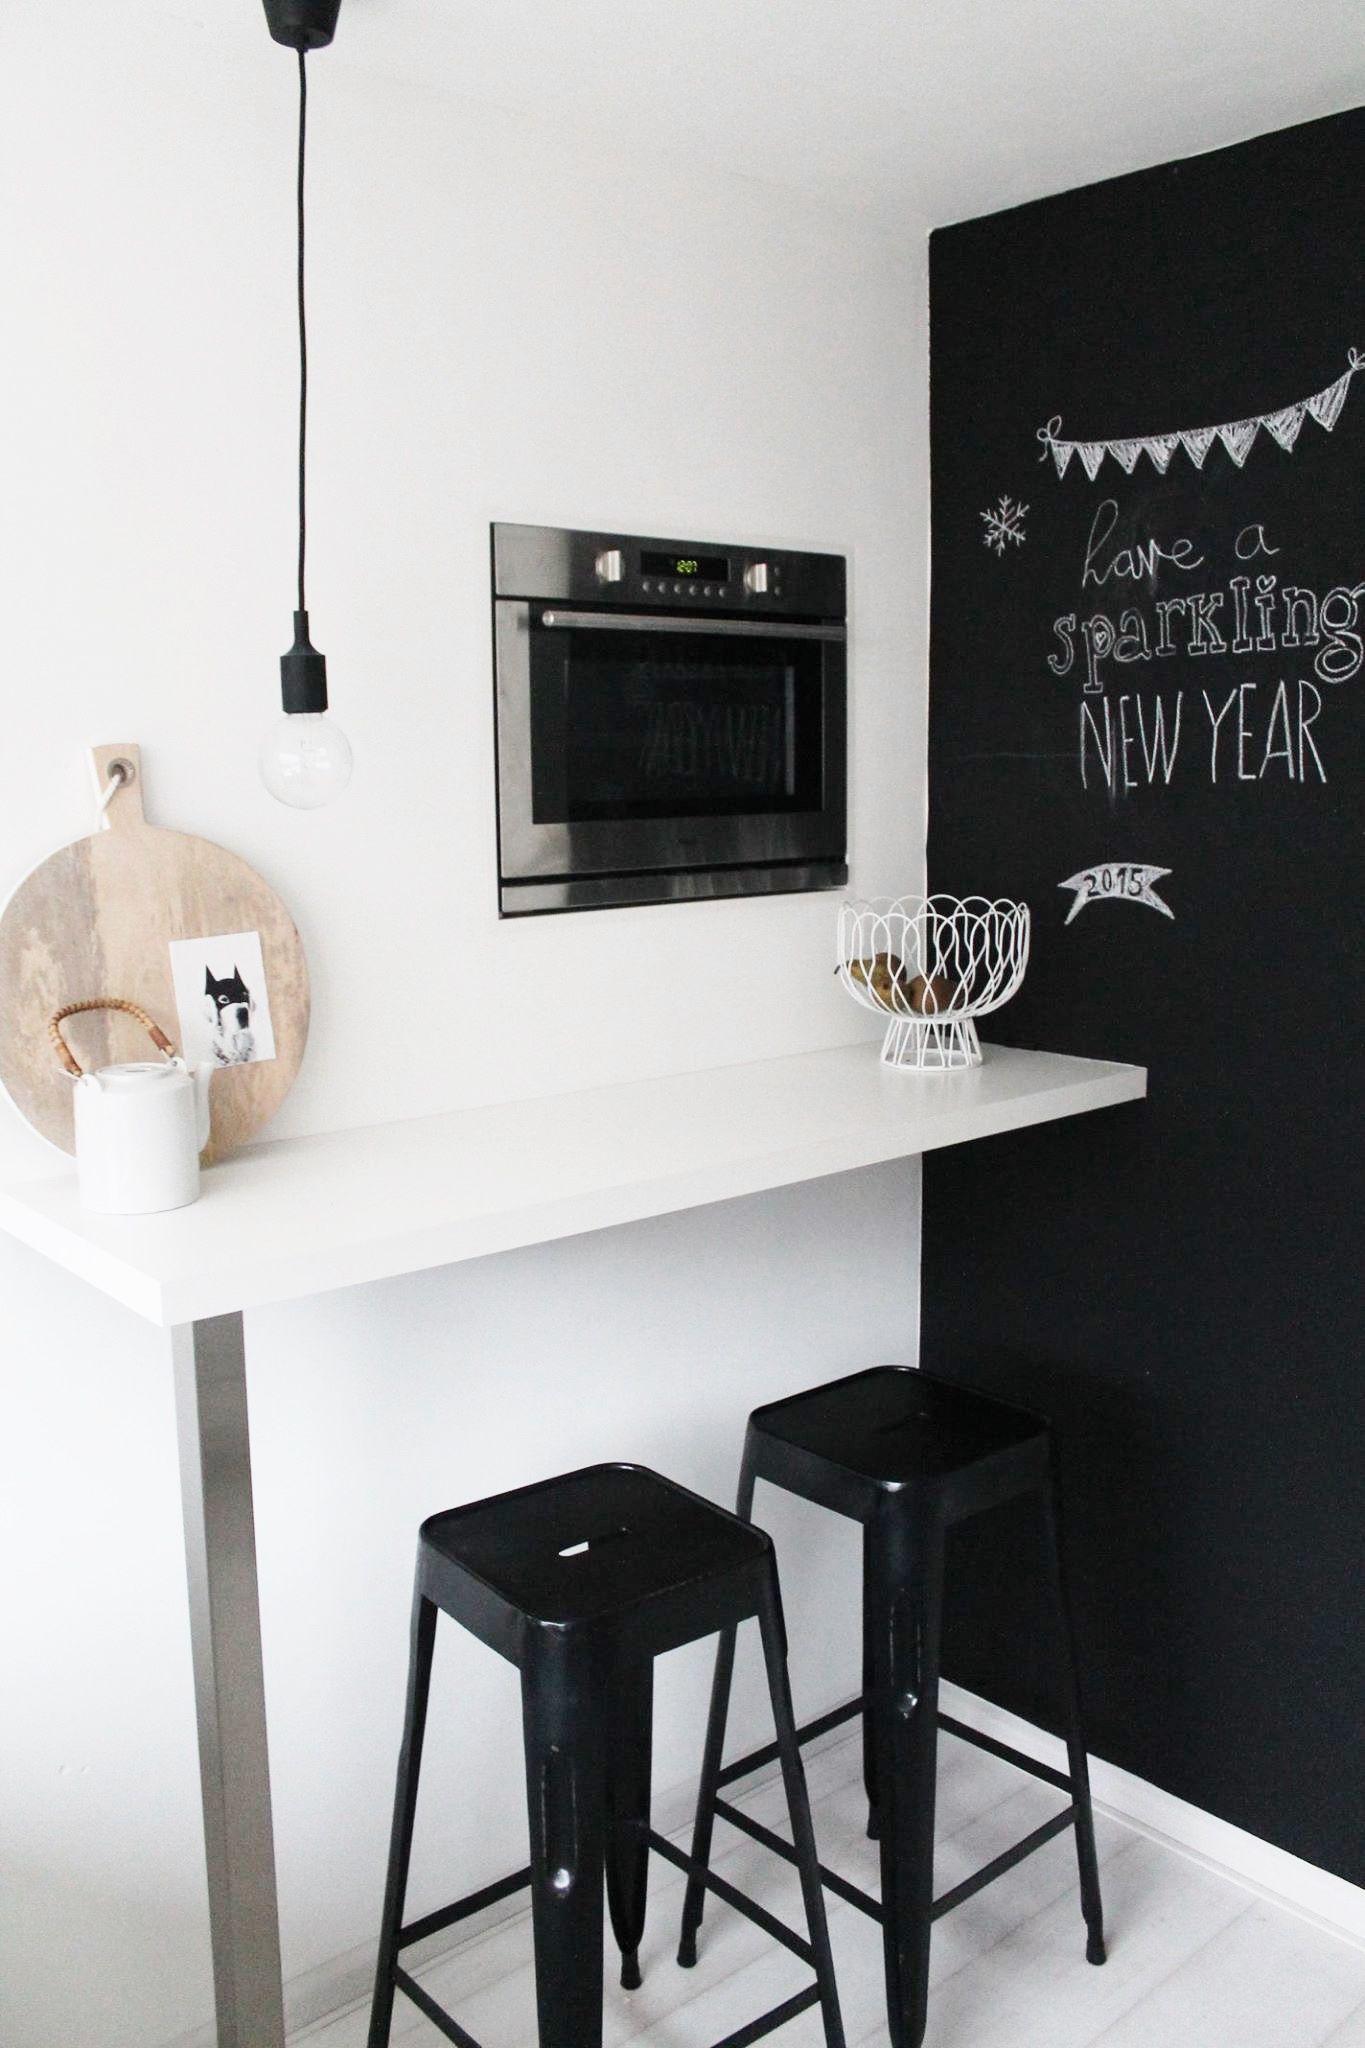 Pared de pizarra en la cocina deco kitchen pinterest - Pizarras de cocina ...